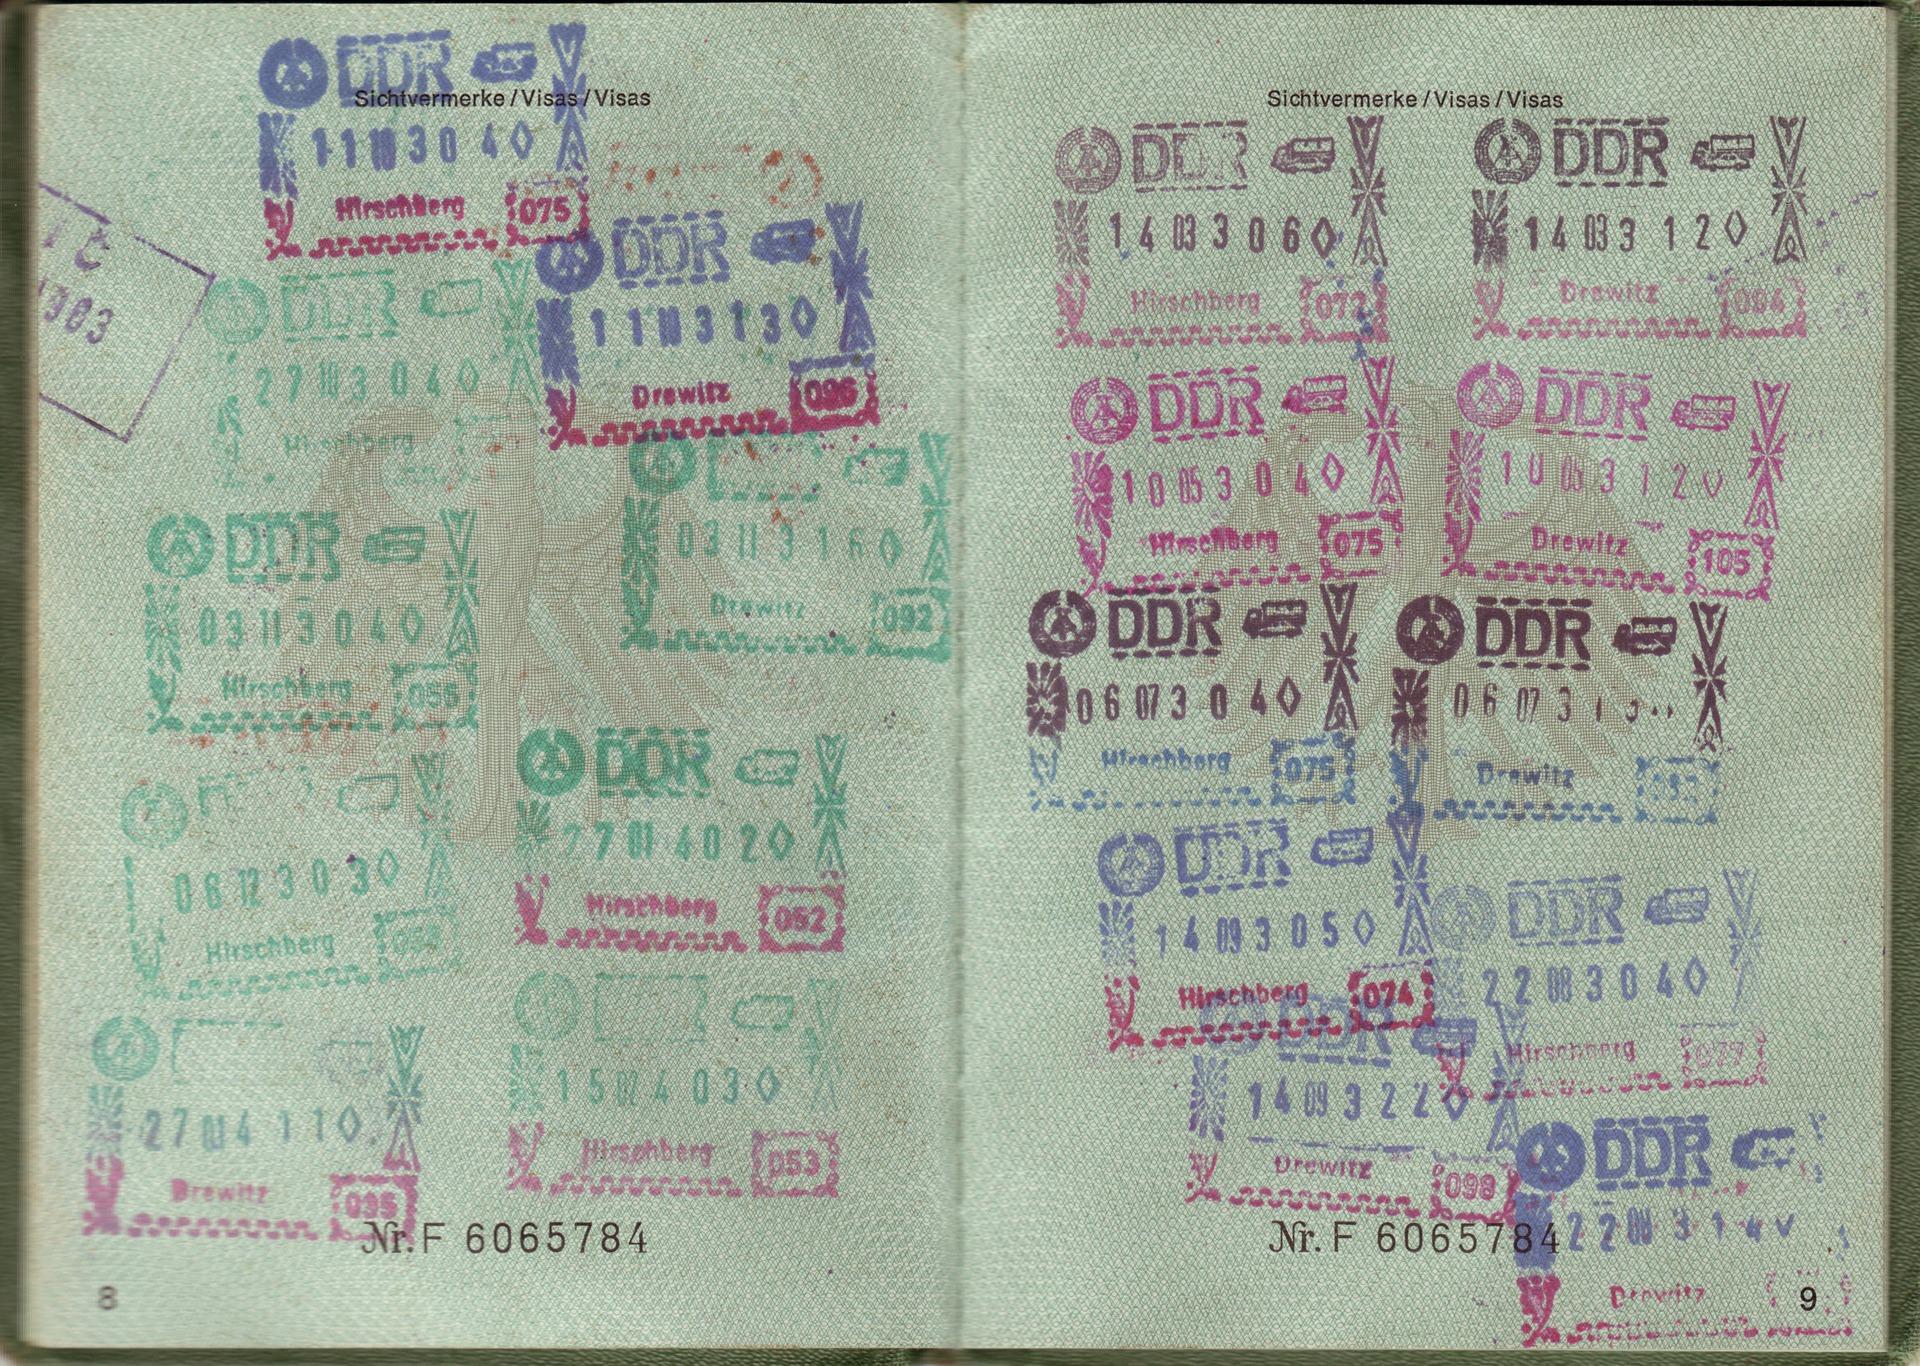 documentos que podem ser necessários ao entrar em Portugal.